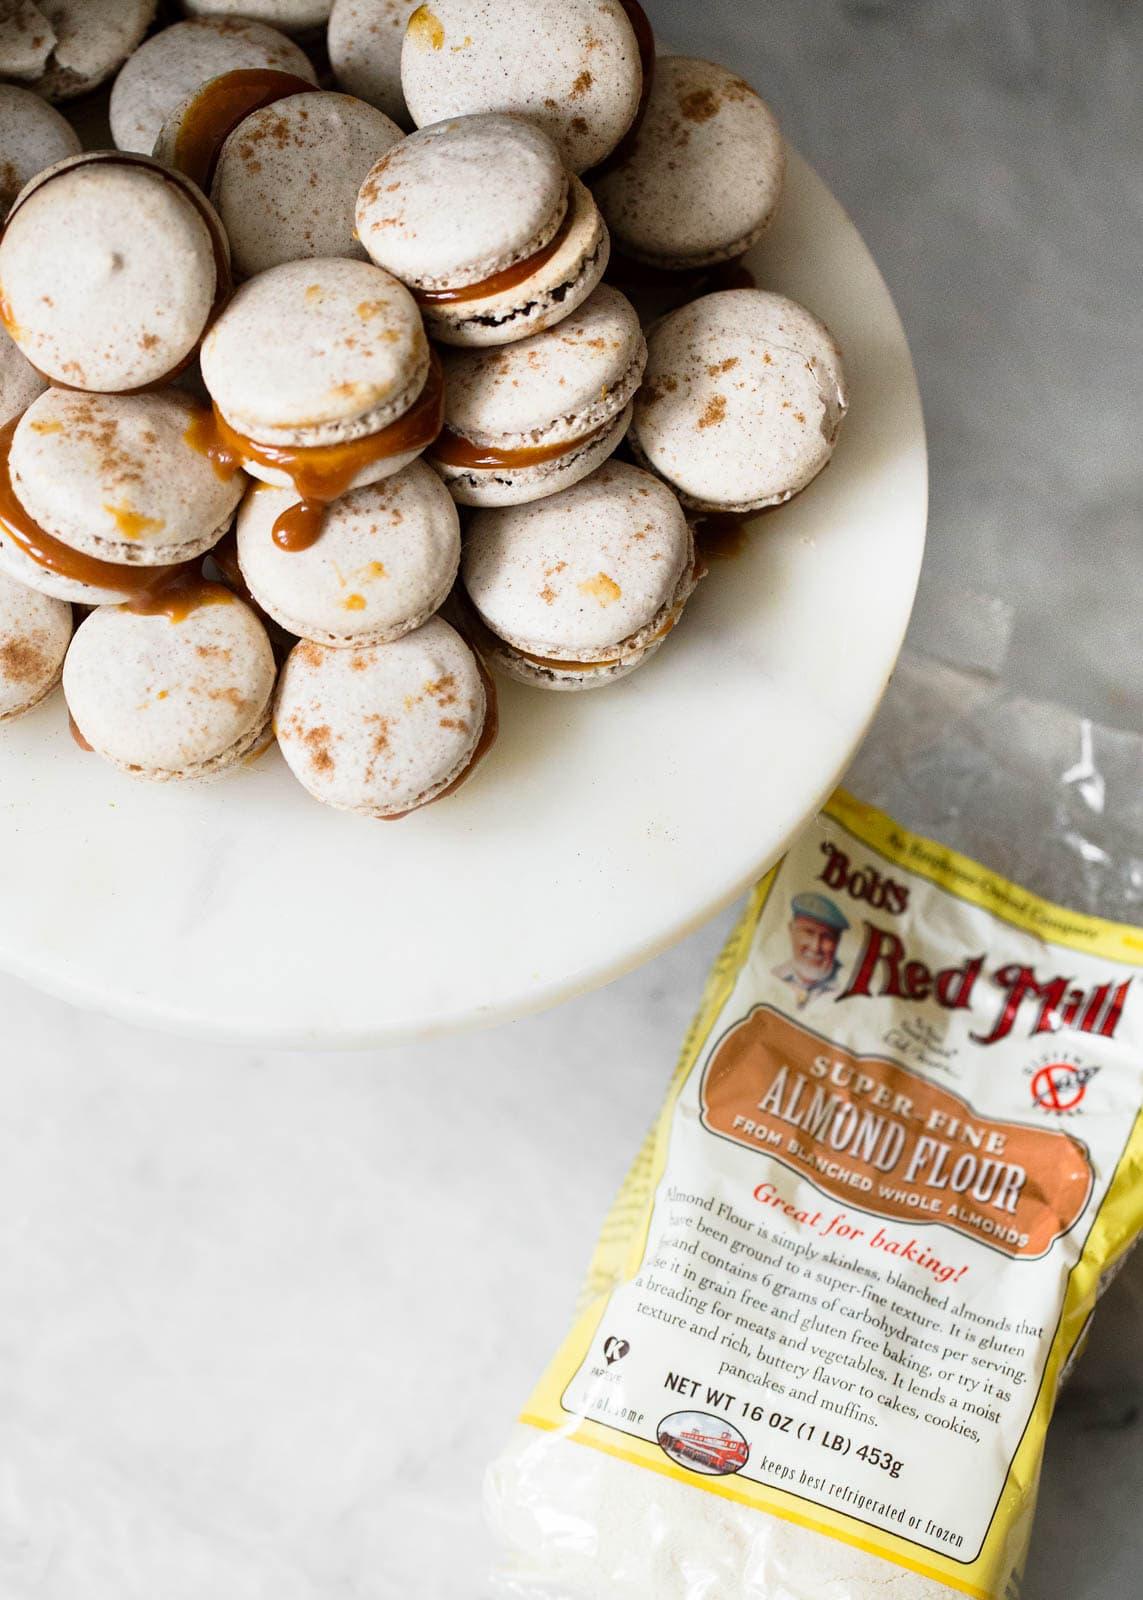 salted caramel macarons with almond flour bag